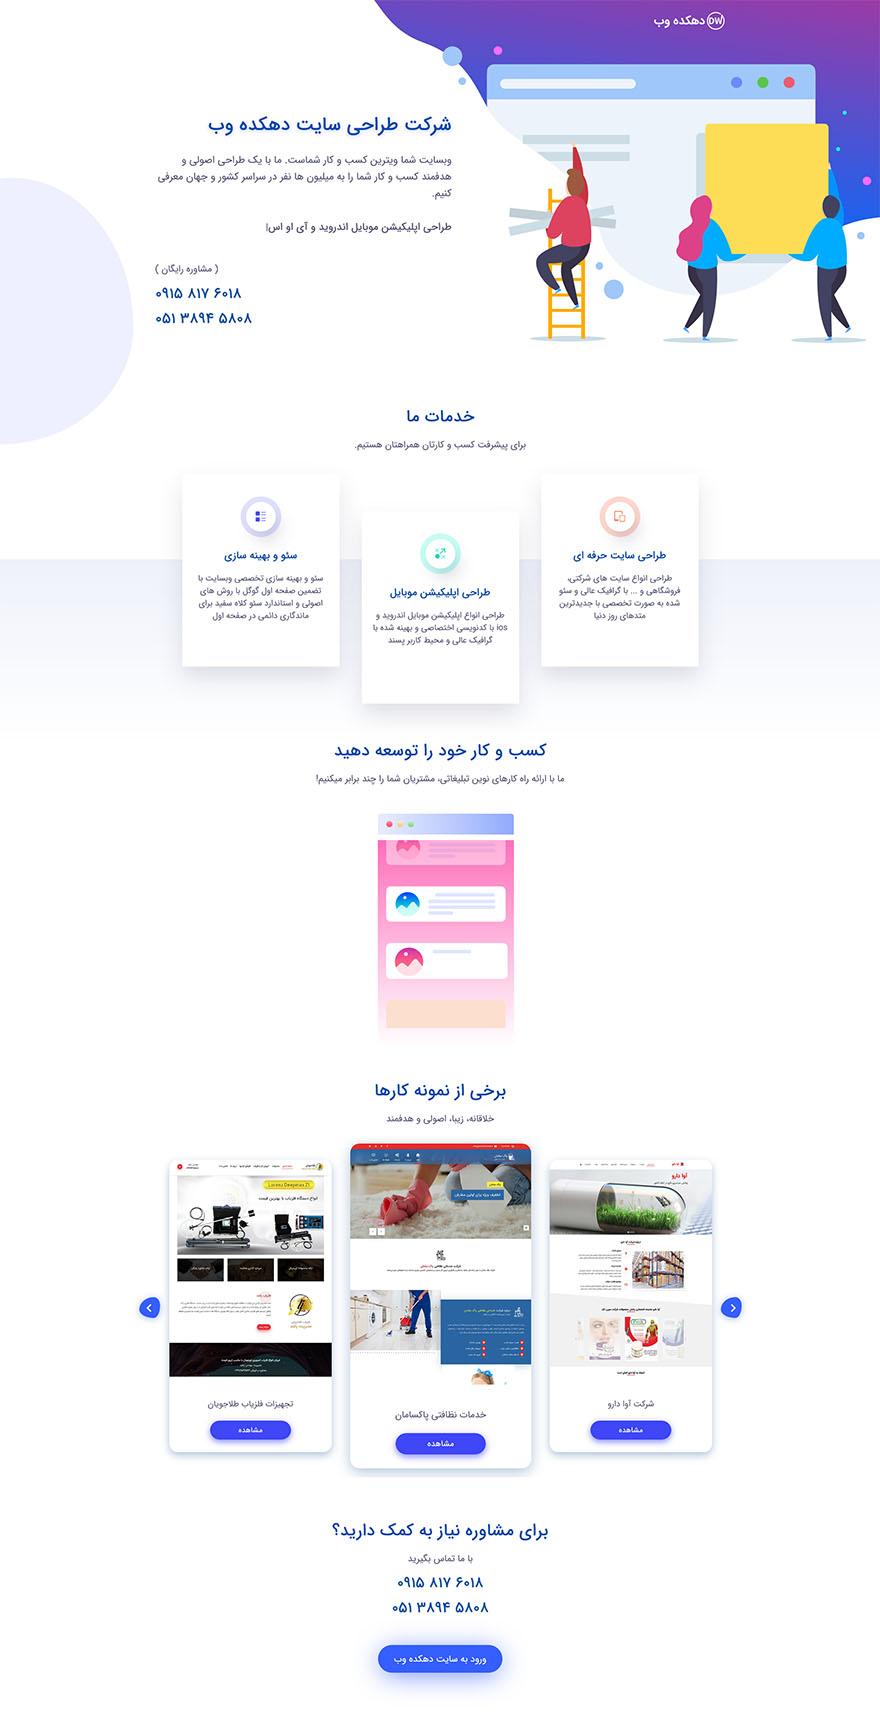 طراحی صفحه فرود برای دهکده وب